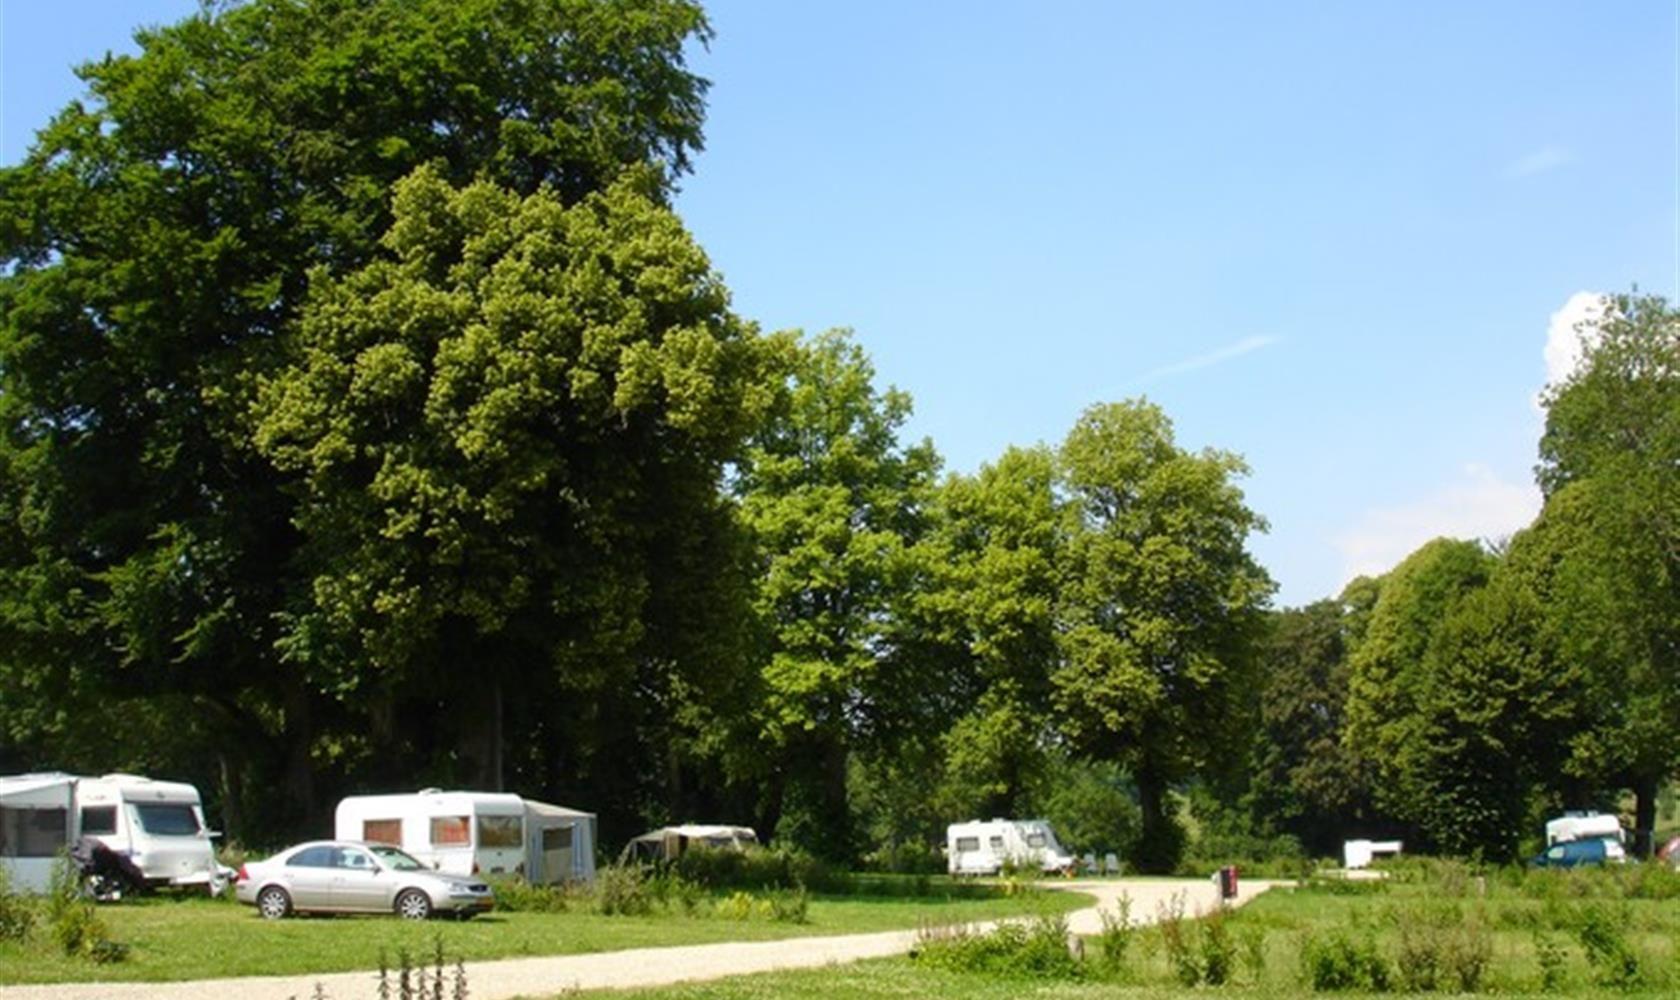 Camping le clos cacheleux le paradis de vos enfants avec - Camping piscine couverte baie de somme ...